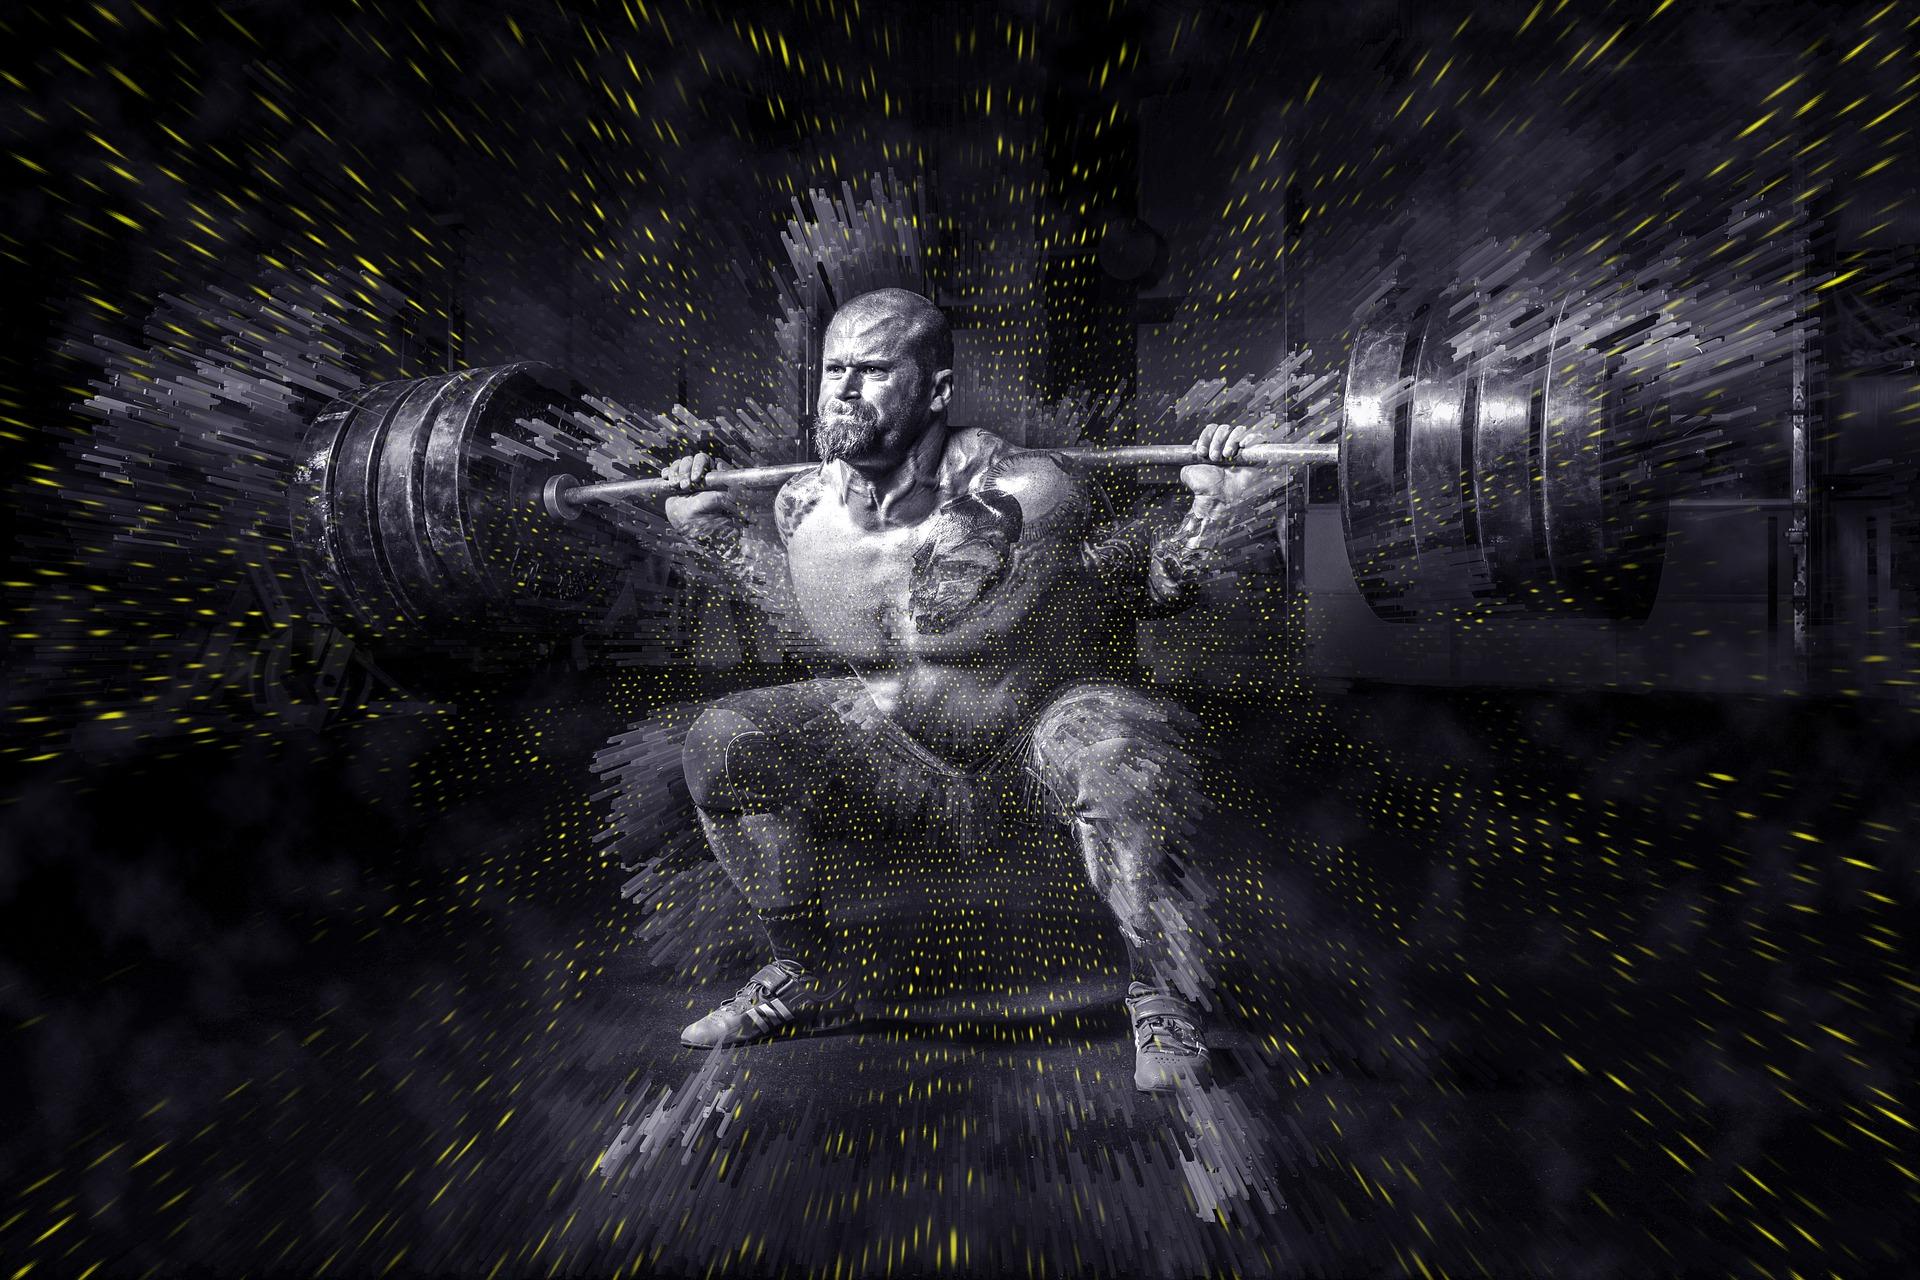 大きい筋肉は高い強度のトレーニングが必要